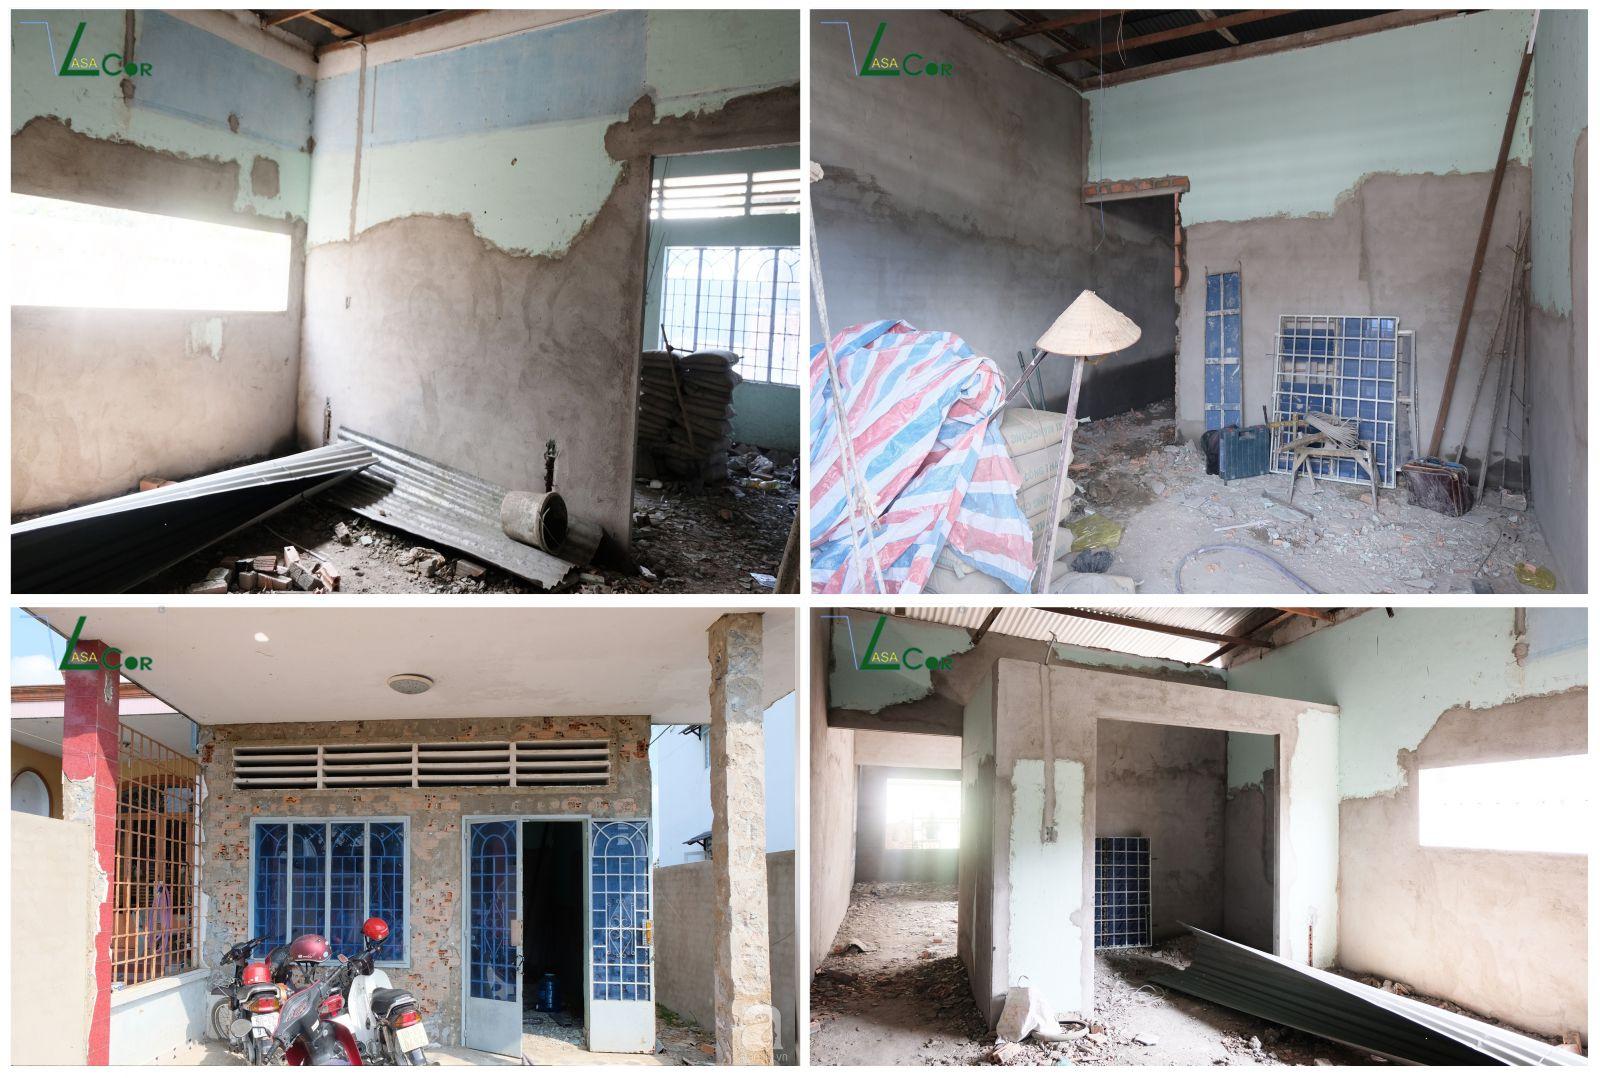 Dịch Vụ Sửa Chữa Nhà Tại Các Quận Tphcm -Xây Dựng CASACOR